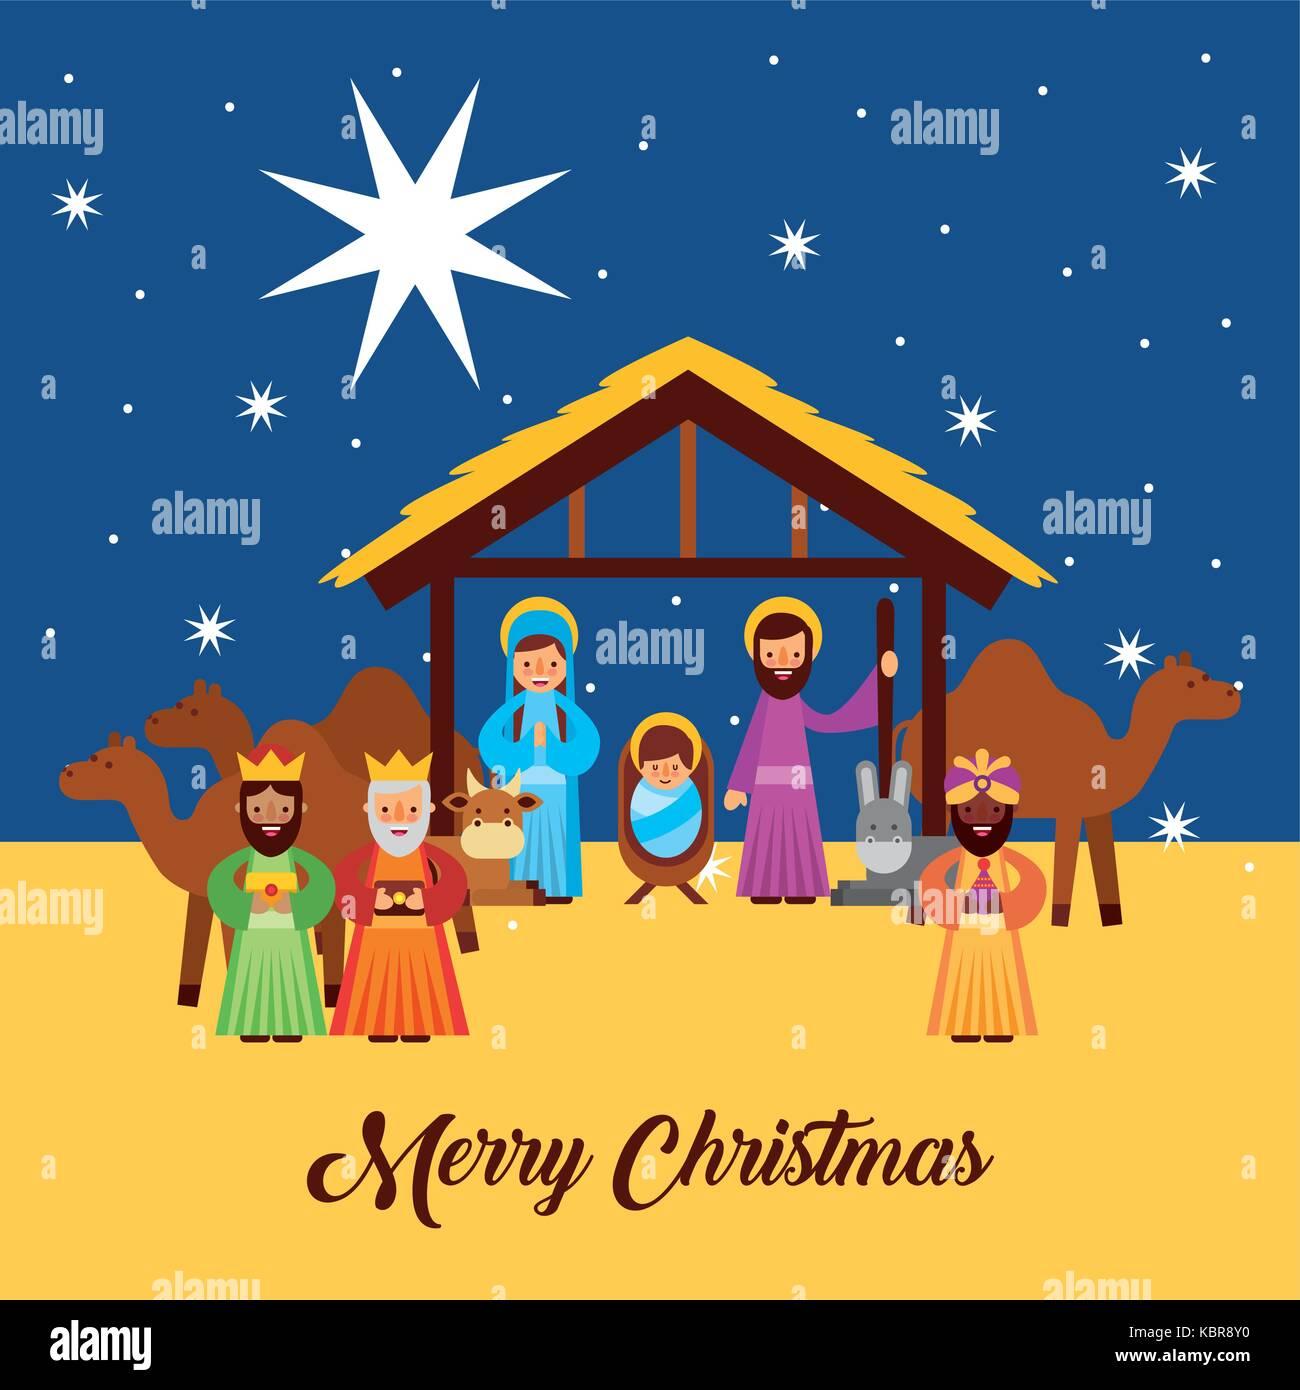 Grüße Frohe Weihnachten.Frohe Weihnachten Grüße Mit Jesus In Der Krippe Maria Und Josef